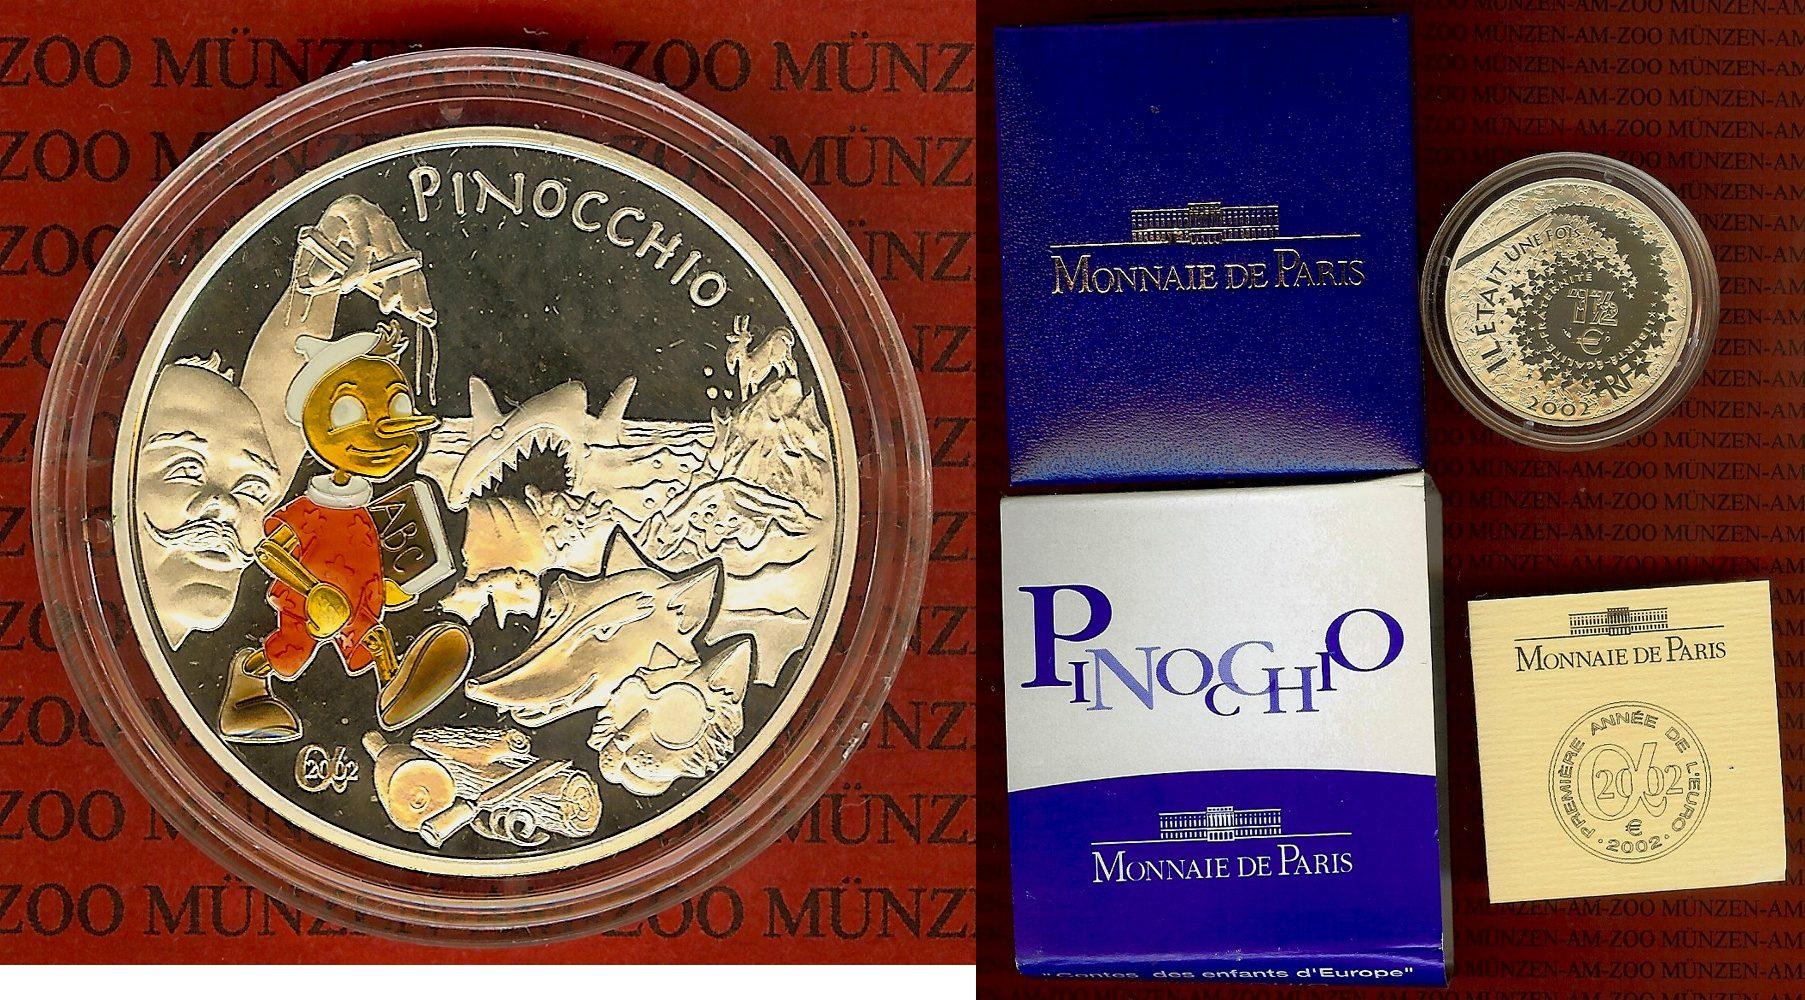 1 1/2 Euro Silbermünze, Farbmünze 2002 Frankreich Frankreich 1,5 Euro 2002, Pinocchio Farbmünze OVP Polierte Platte Box Zert Schuber OVP